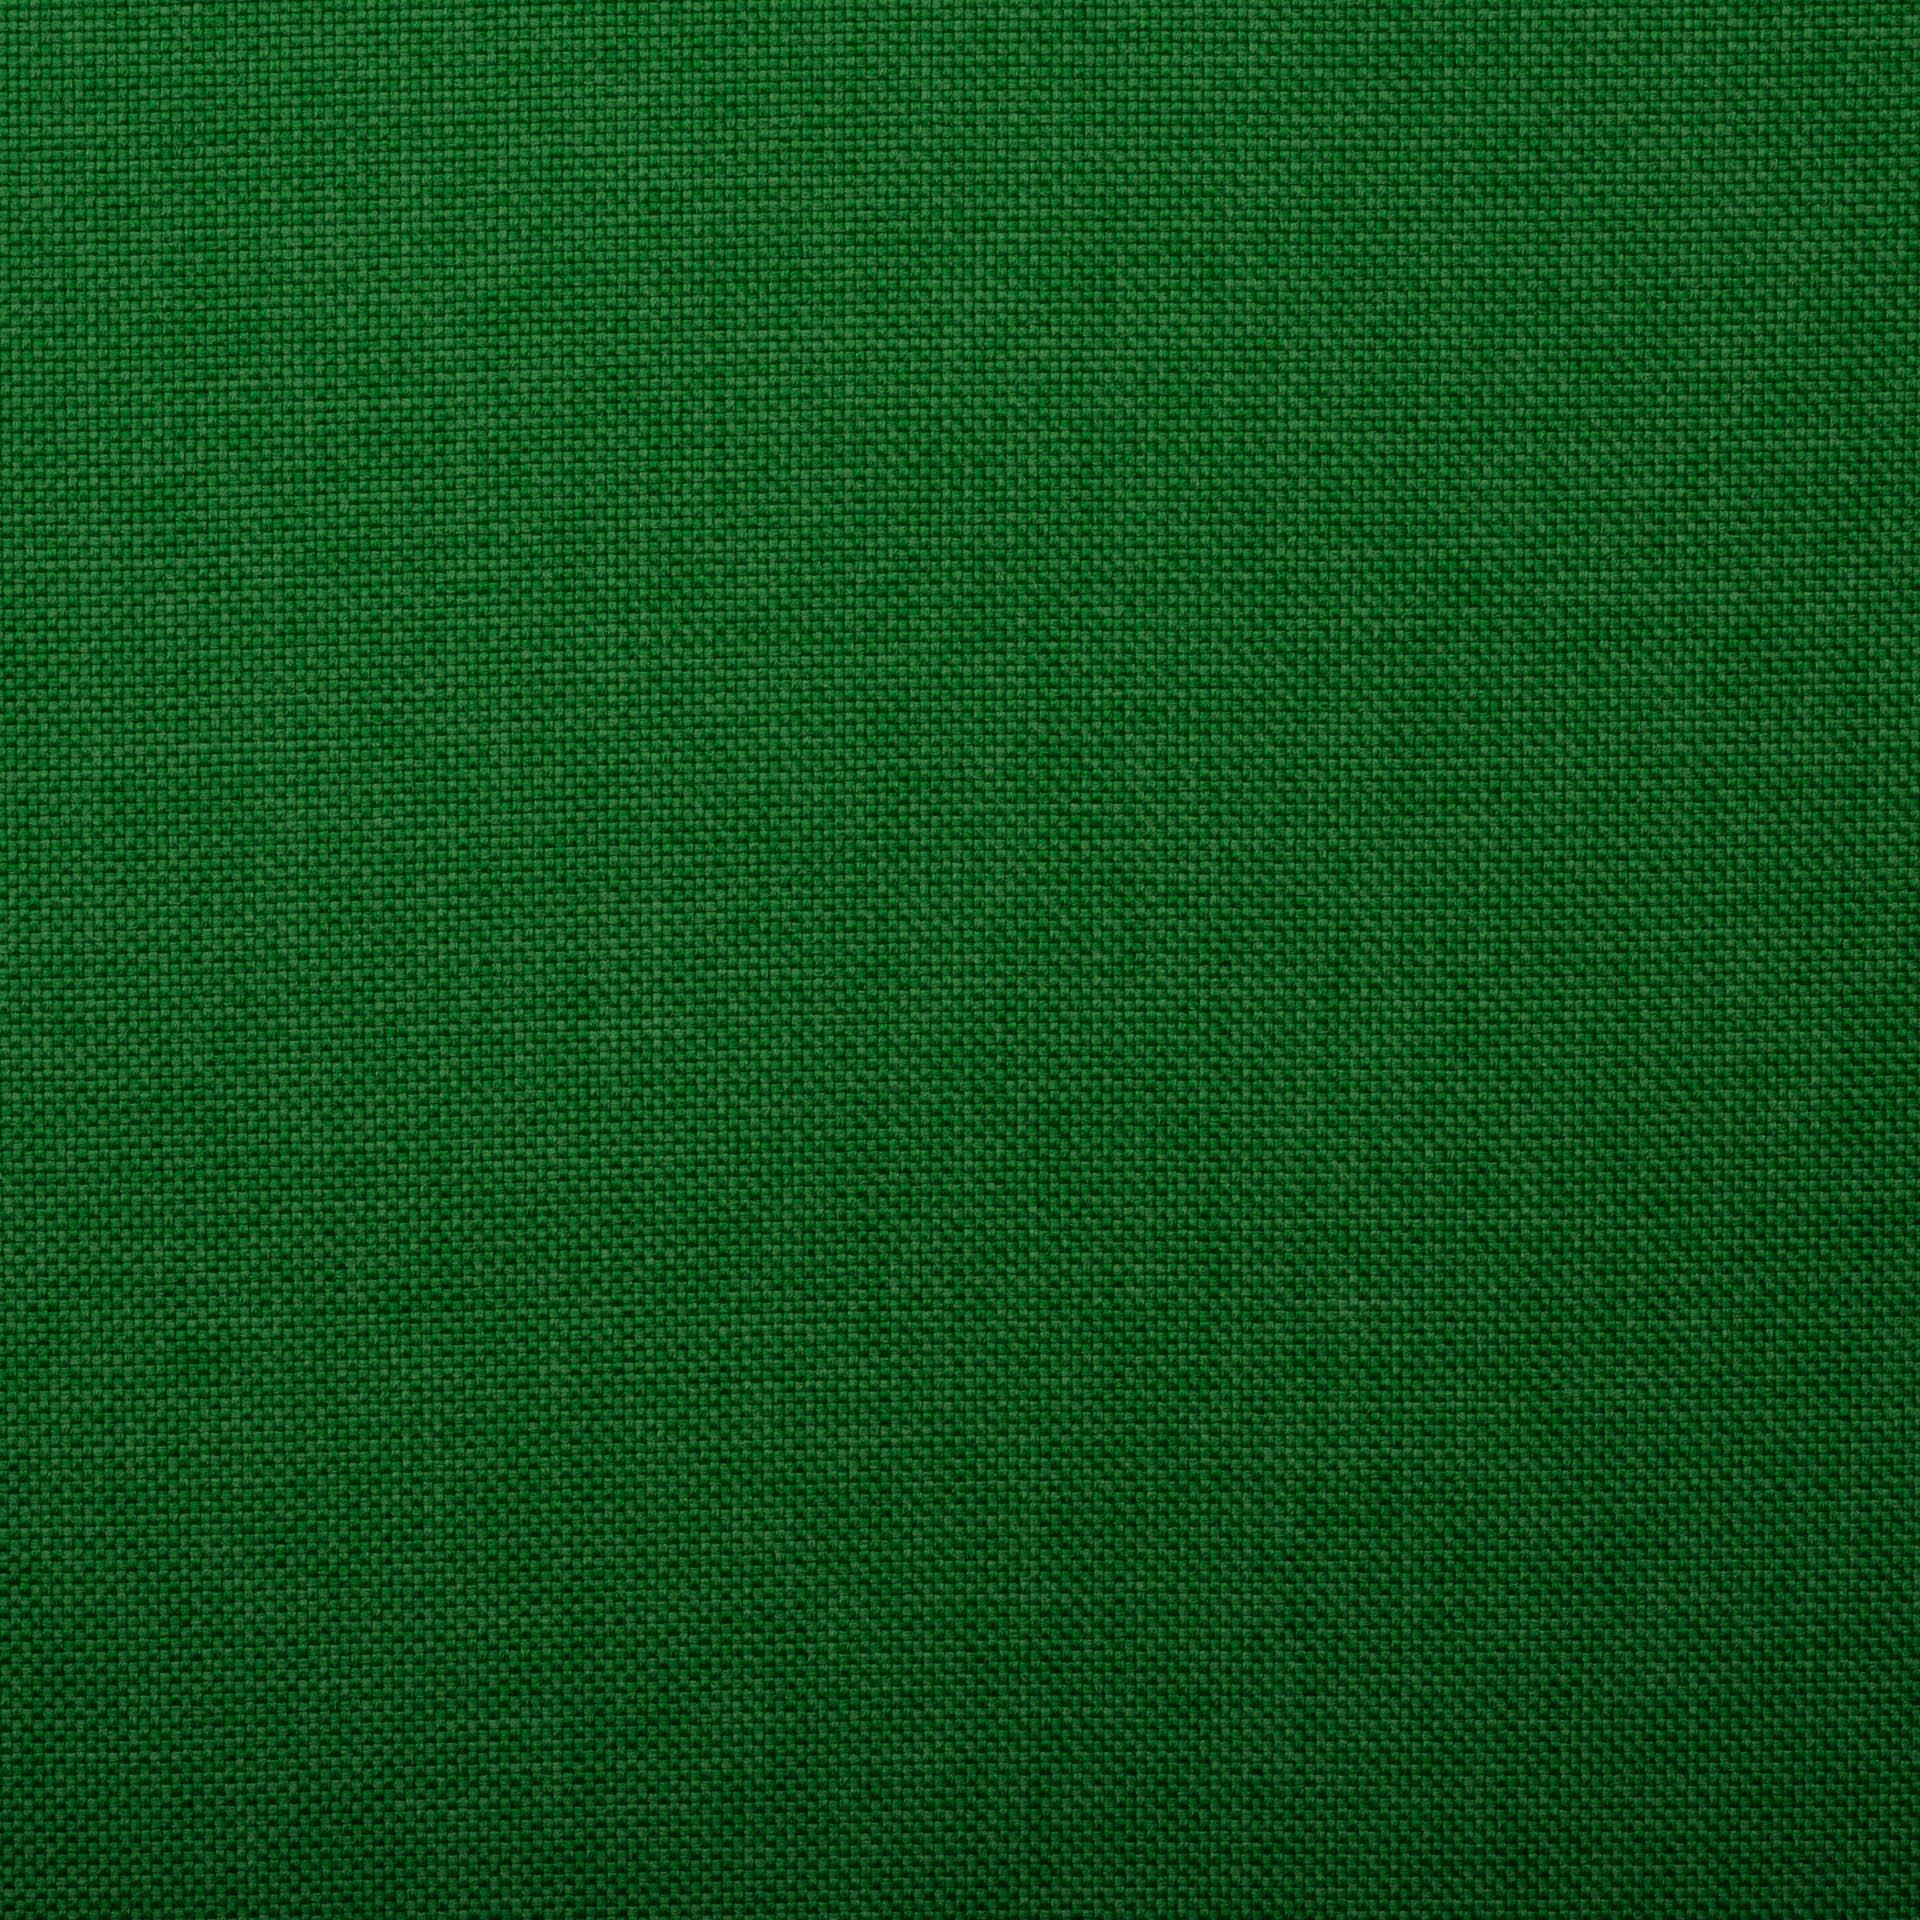 Коллекция ткани Саванна GREEN 22,  купить ткань Жаккард для мебели Украина